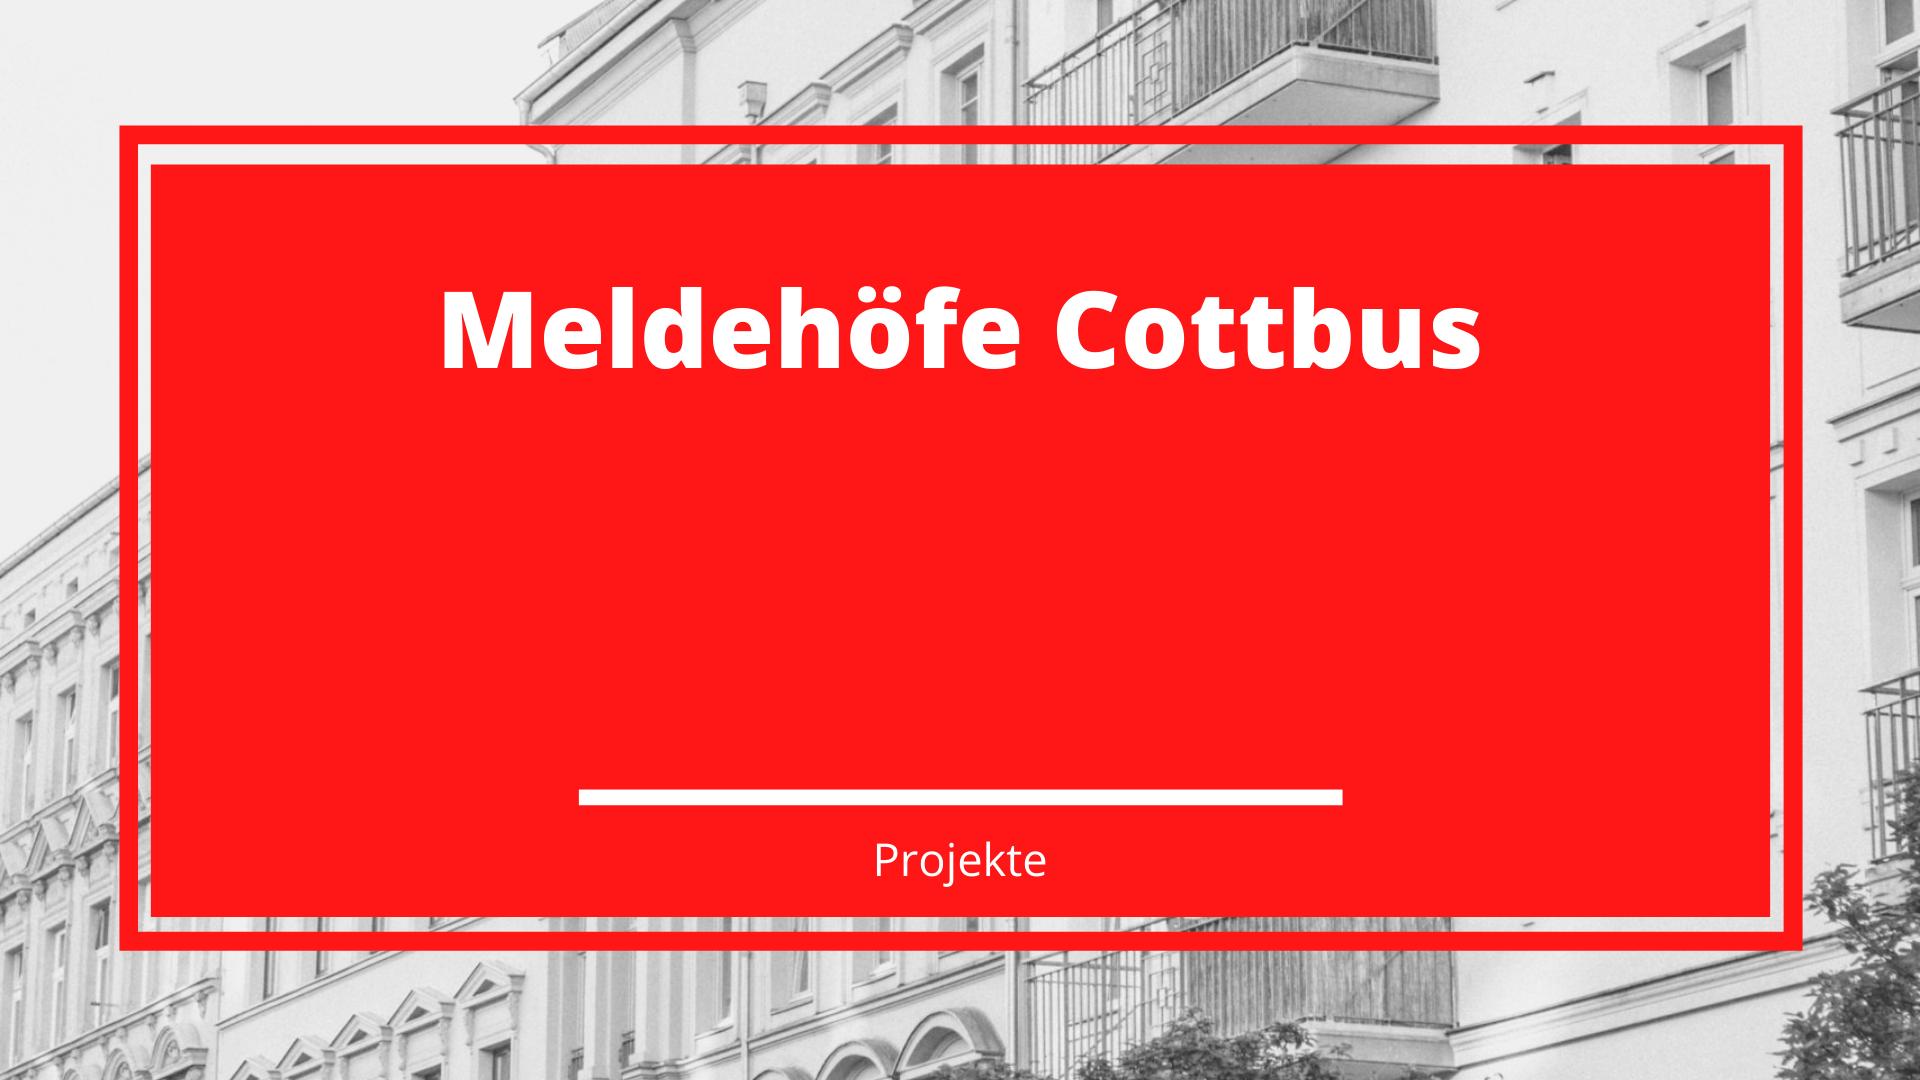 Meldehöfe Cottbus